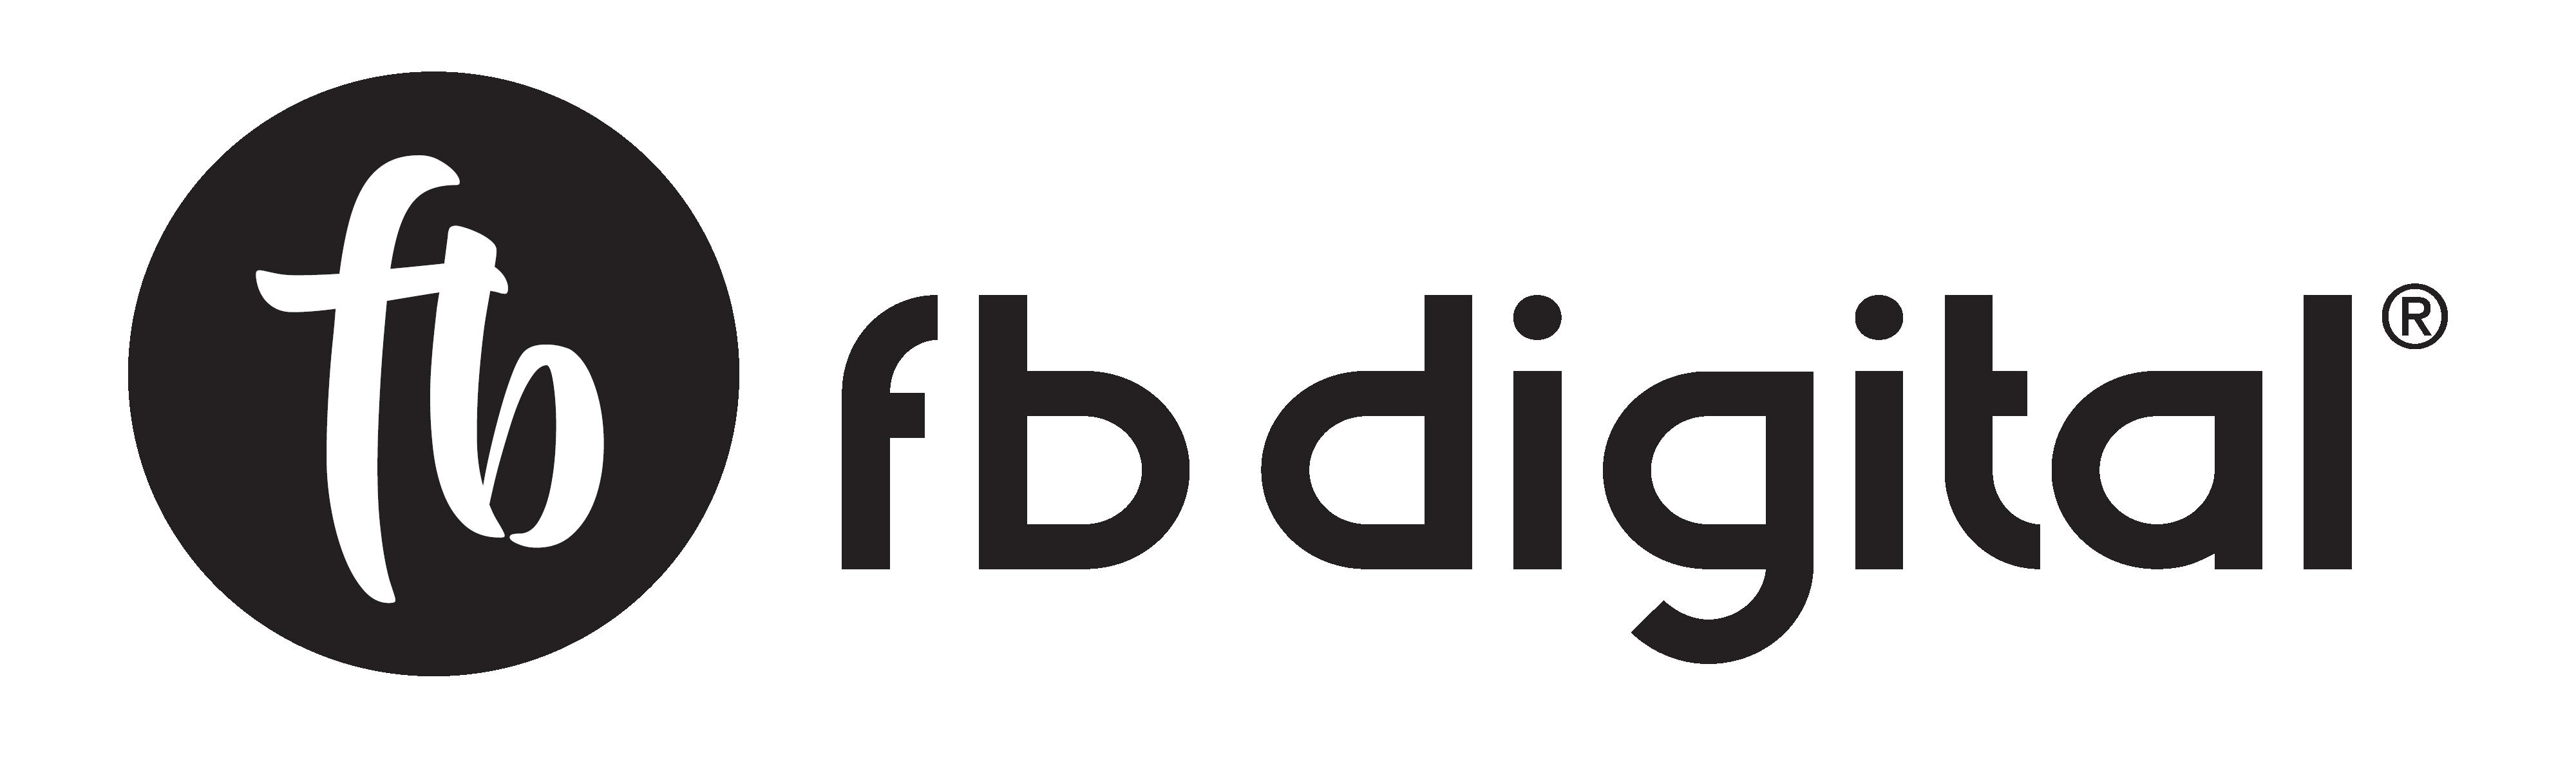 logo-entreprises-small4